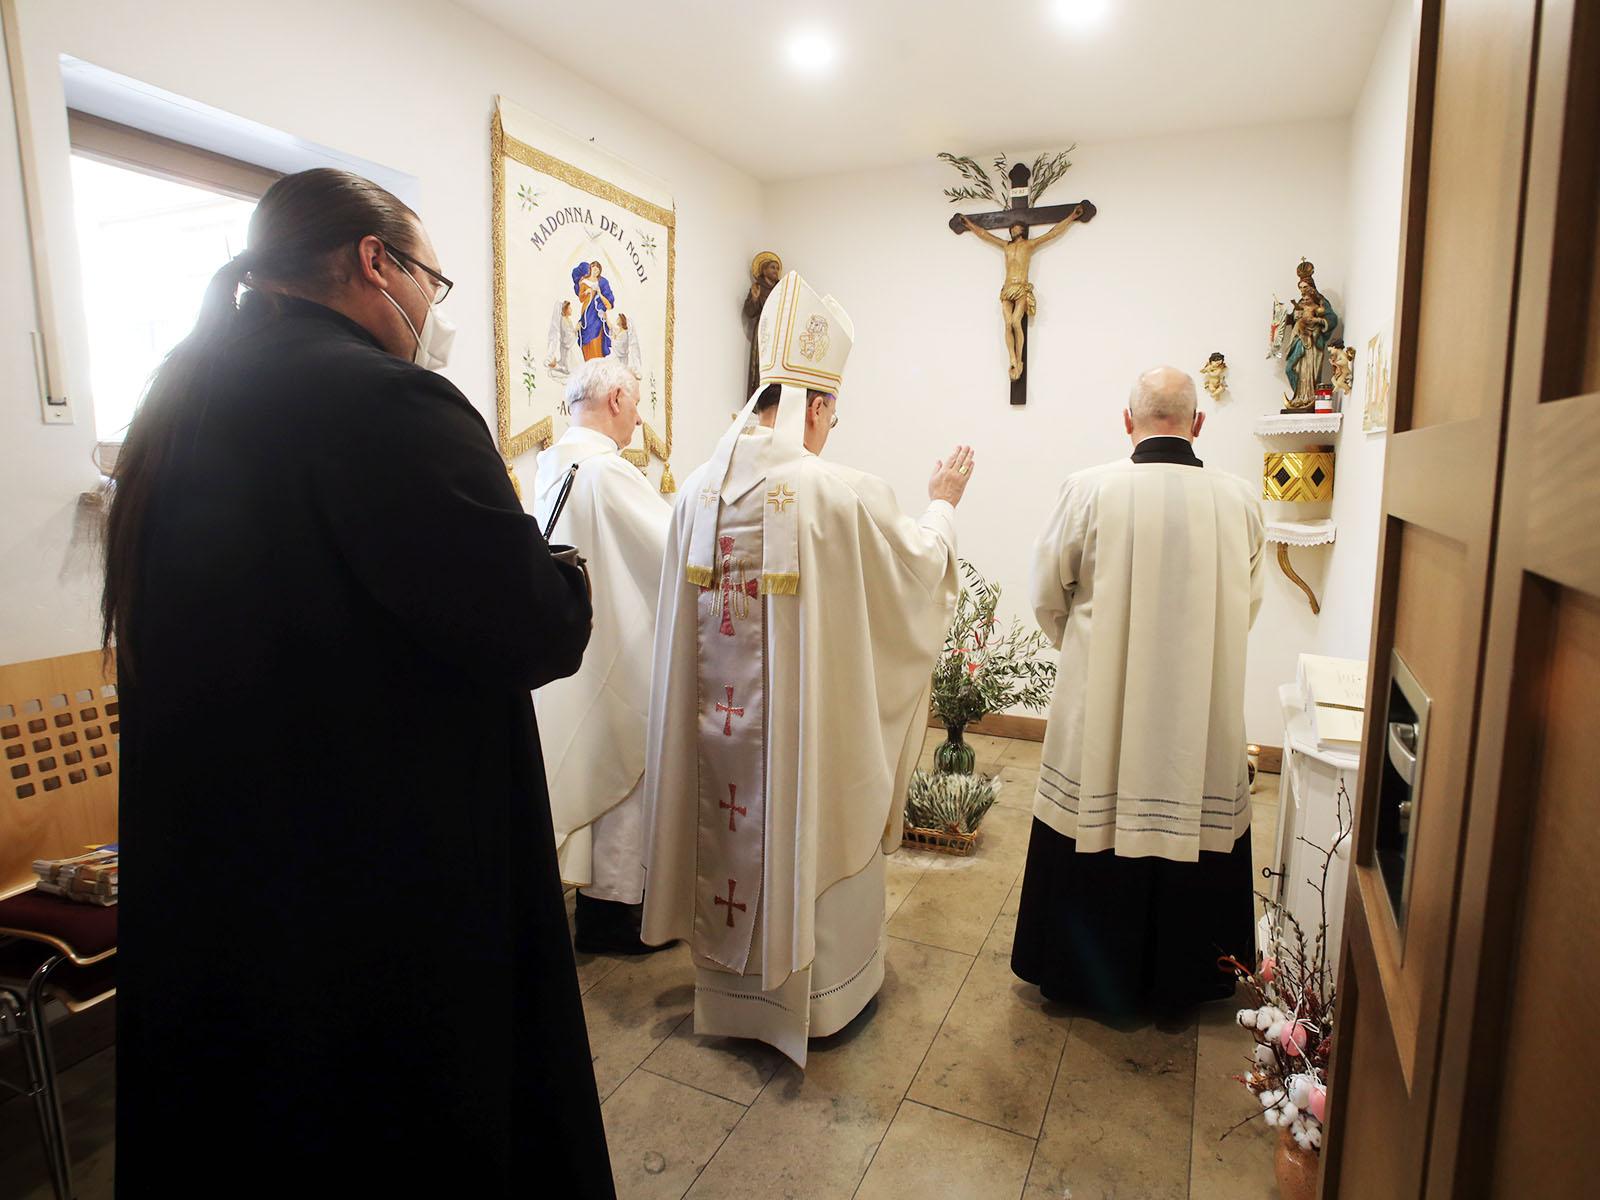 Bischof Bertram segnet den Kreuzweg der Italienischen Gemeinde (Foto: Annette Zoepf / pba)